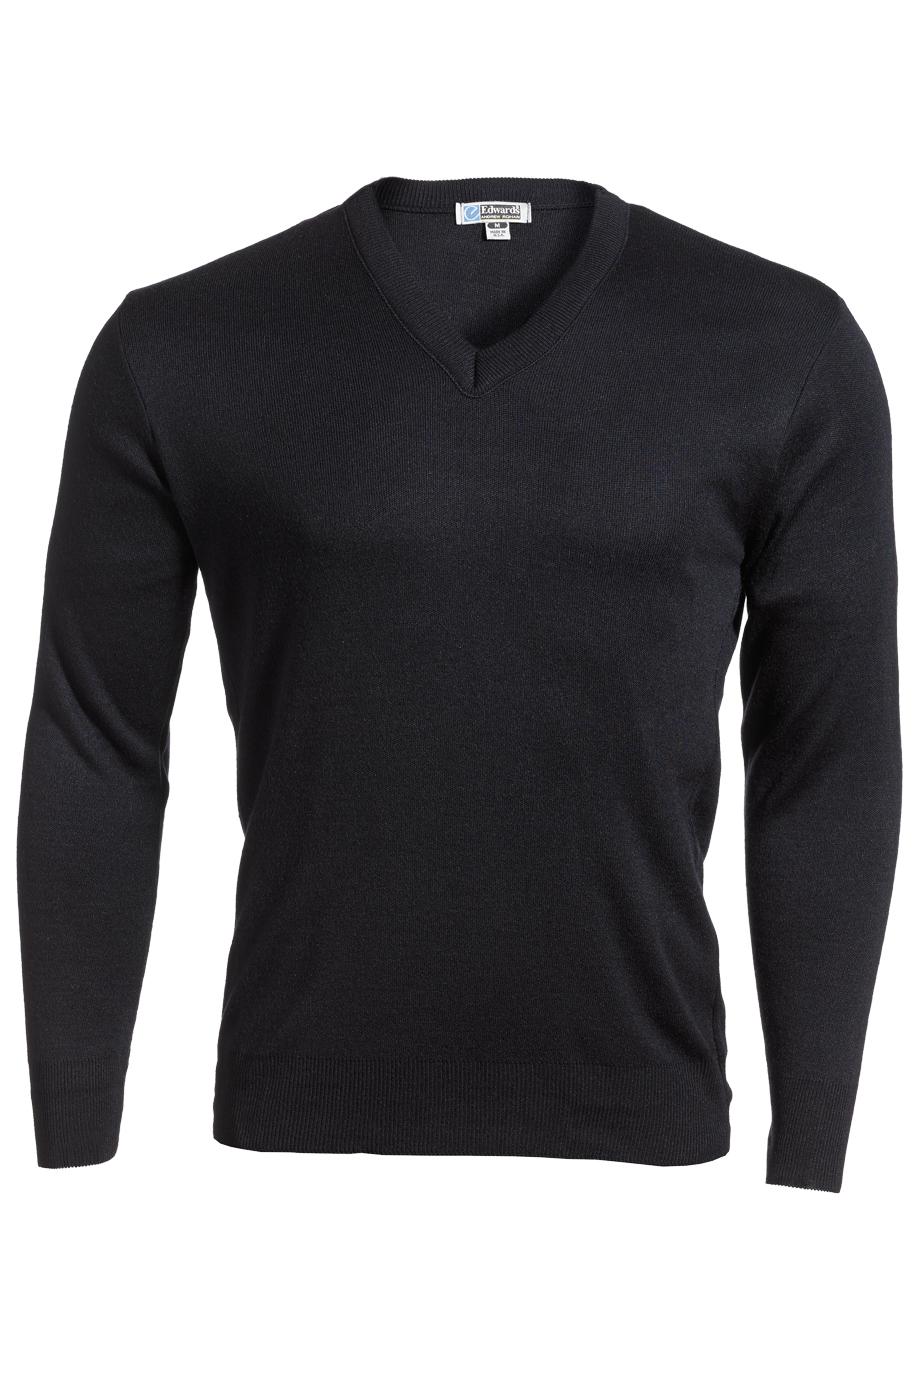 Edwards Value V-Neck Acrylic Sweater-Edwards